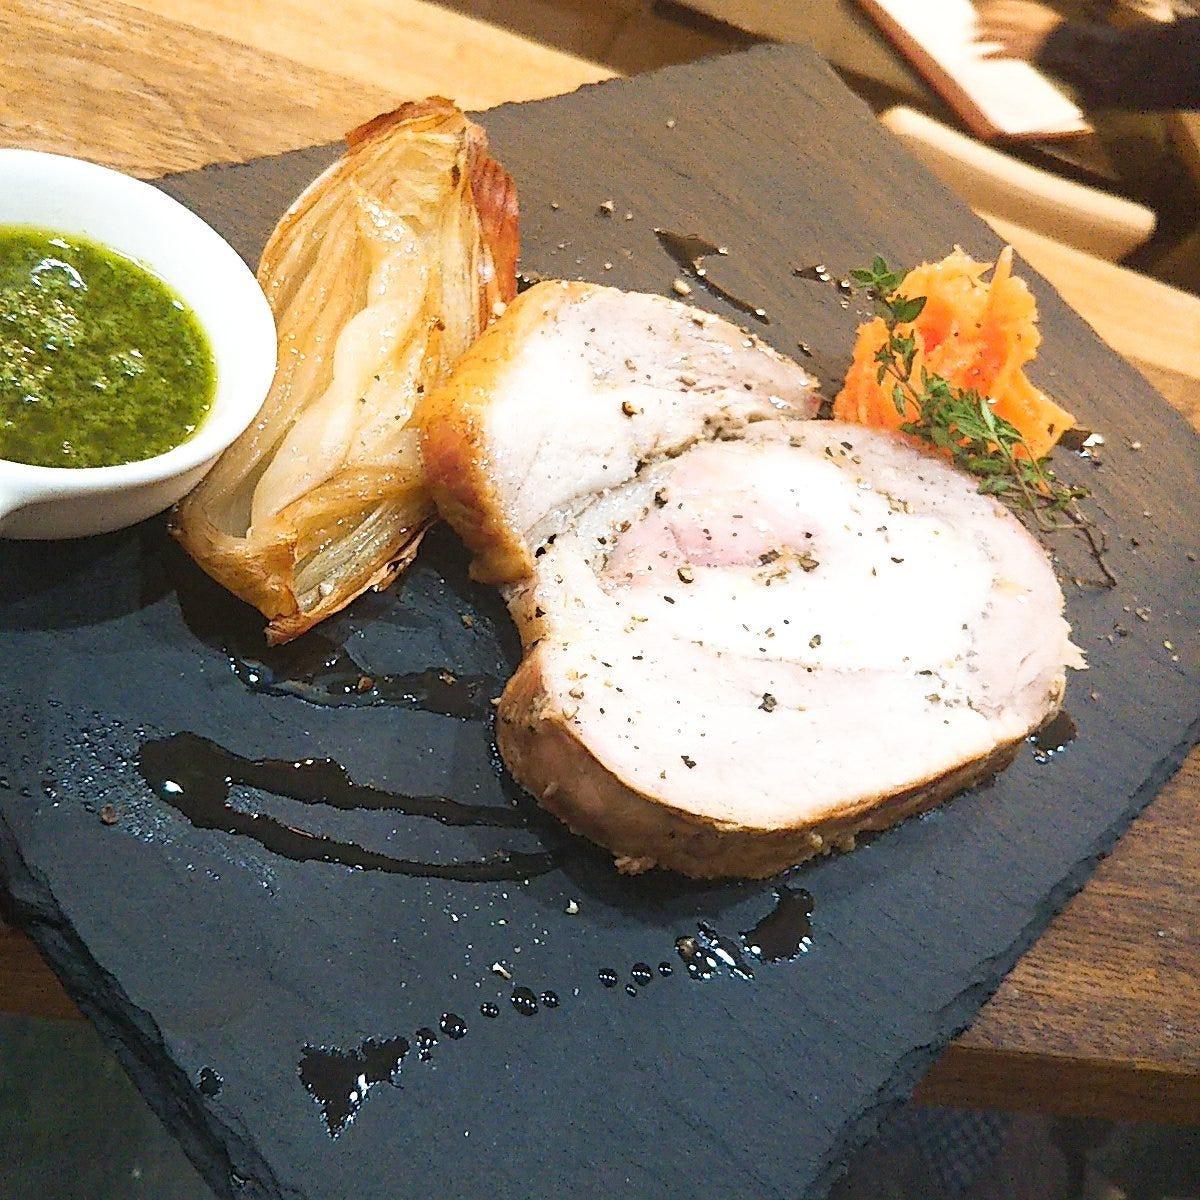 国産豚のポルケッタ(豚肉のハーブ焼き  ボリューム◎ジューシー